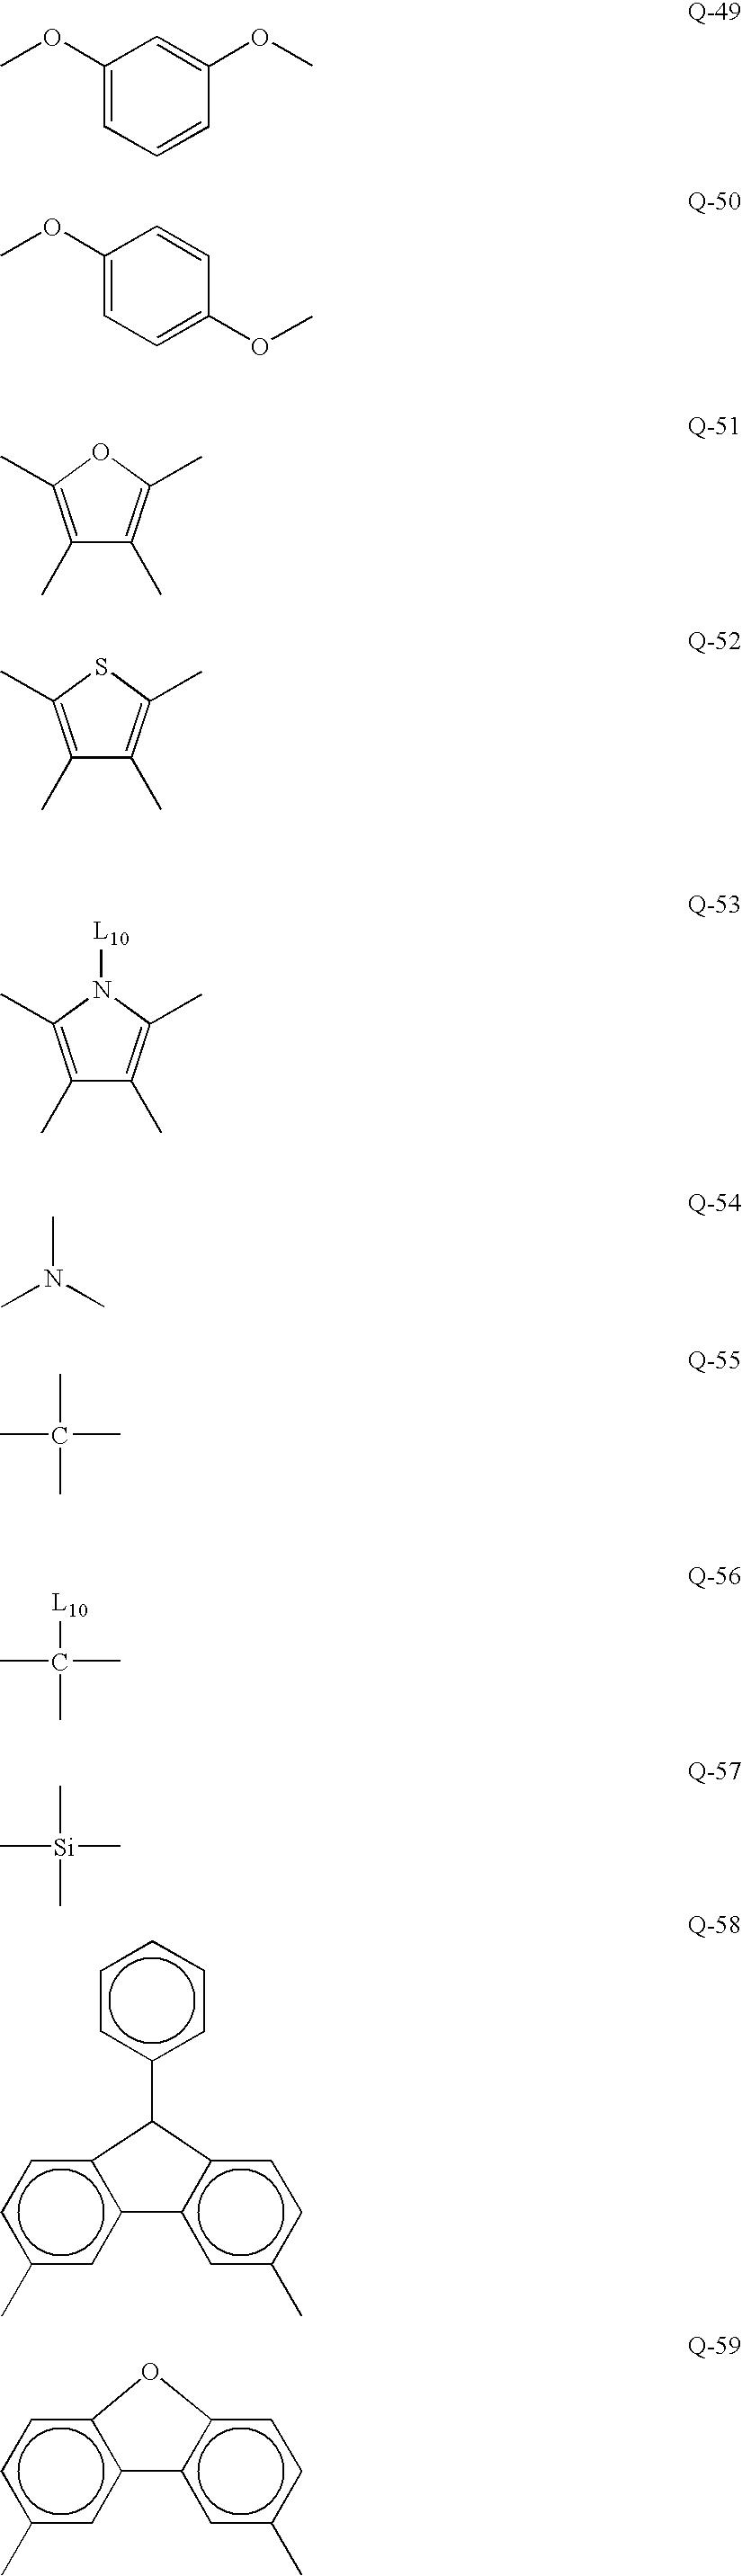 Figure US20060186796A1-20060824-C00018